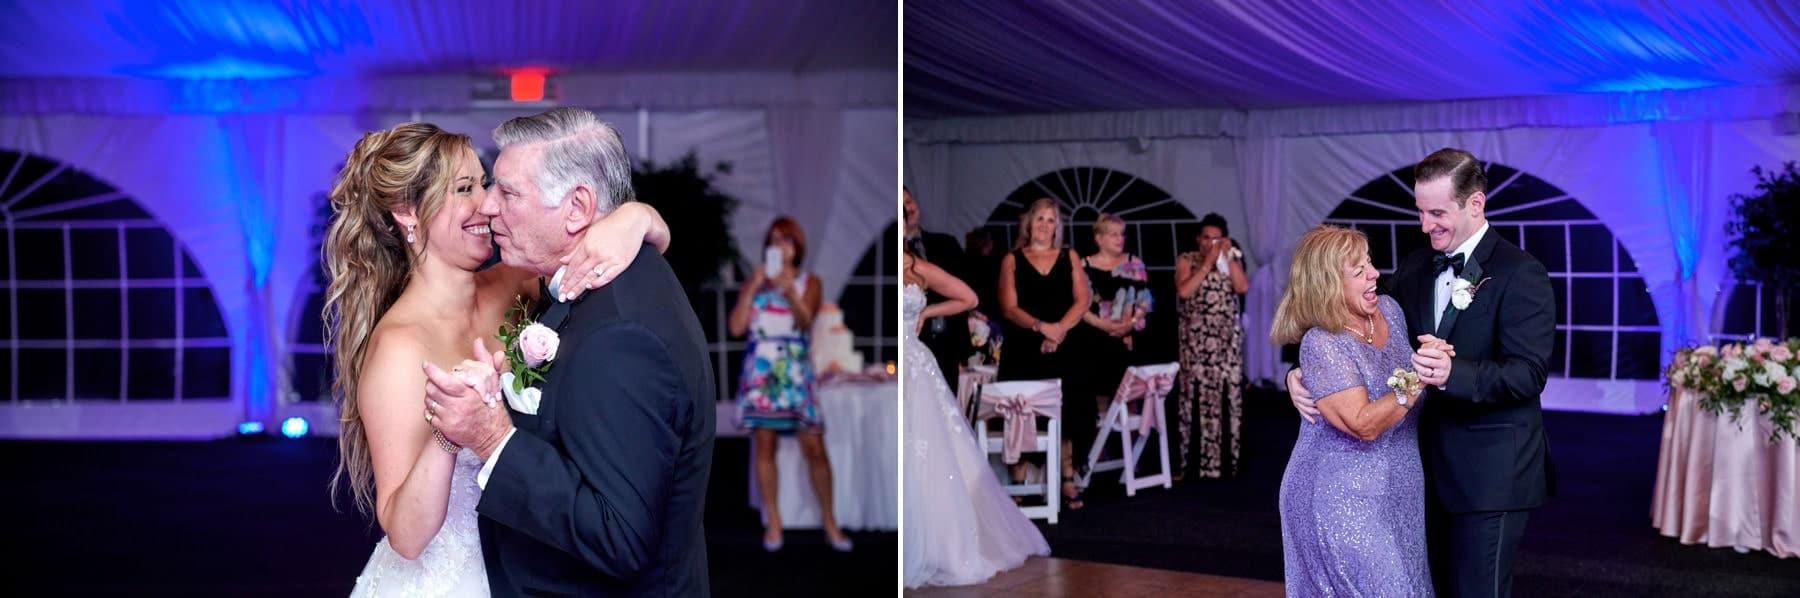 parent dance photos Royce Brook Golf Club